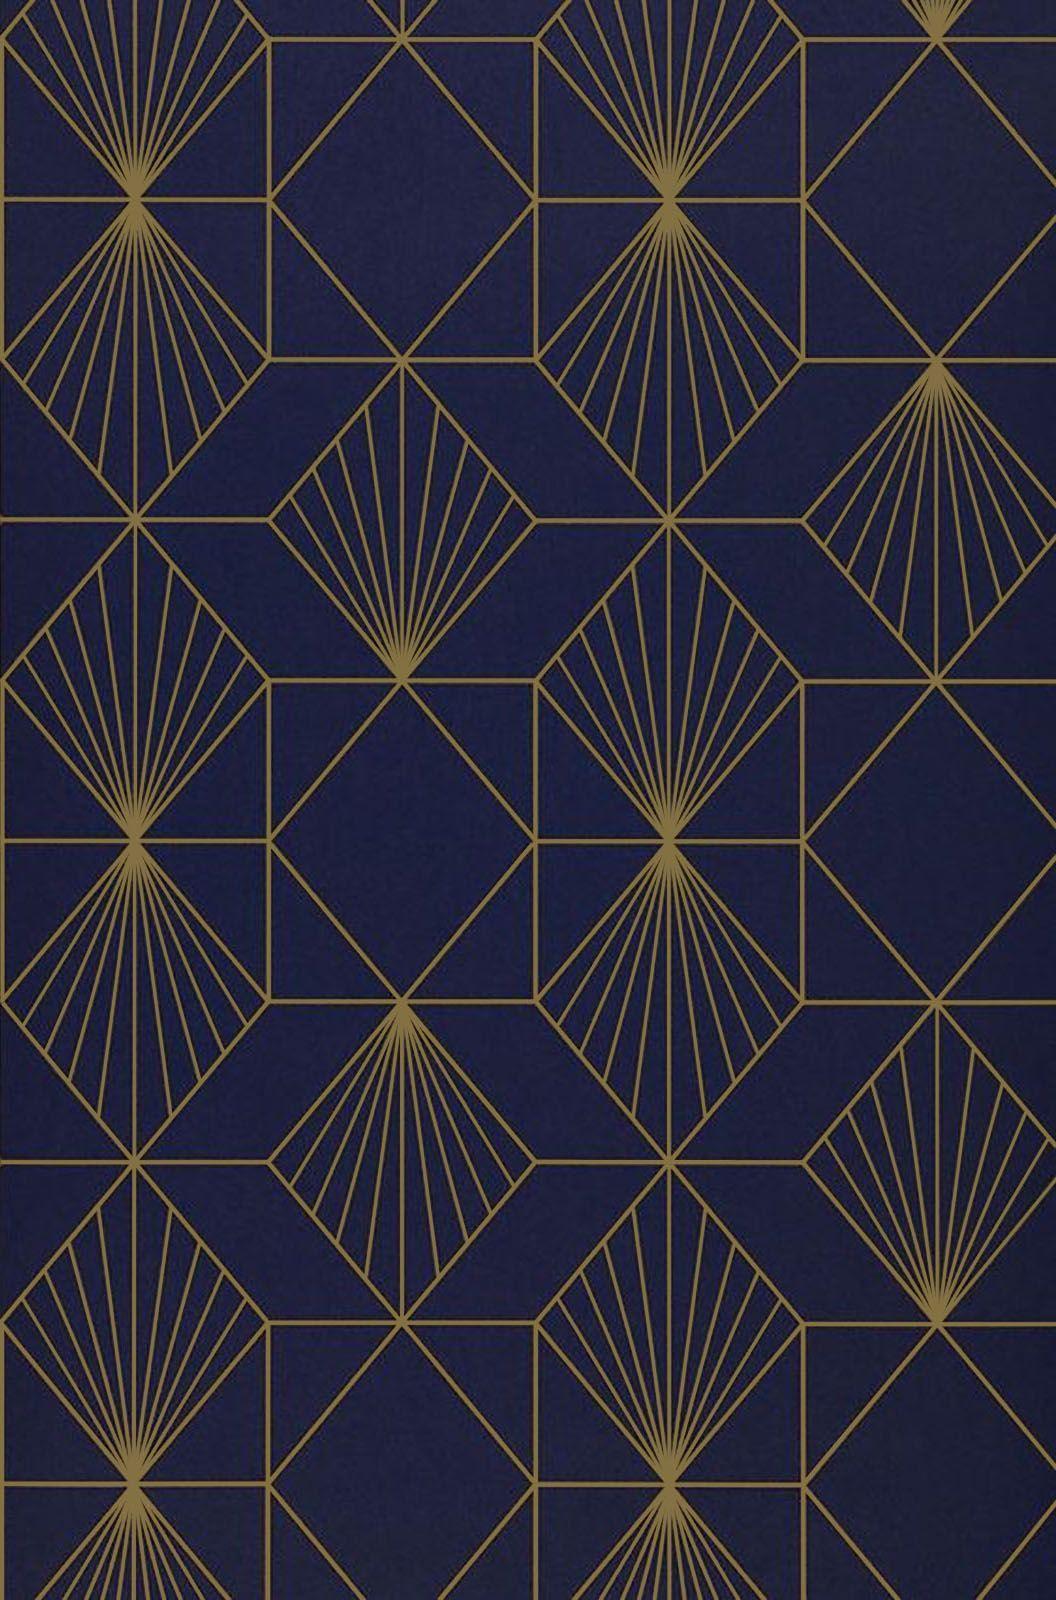 Geometric Patterns Trends 2019 Arte Geometrica Papel De Parede